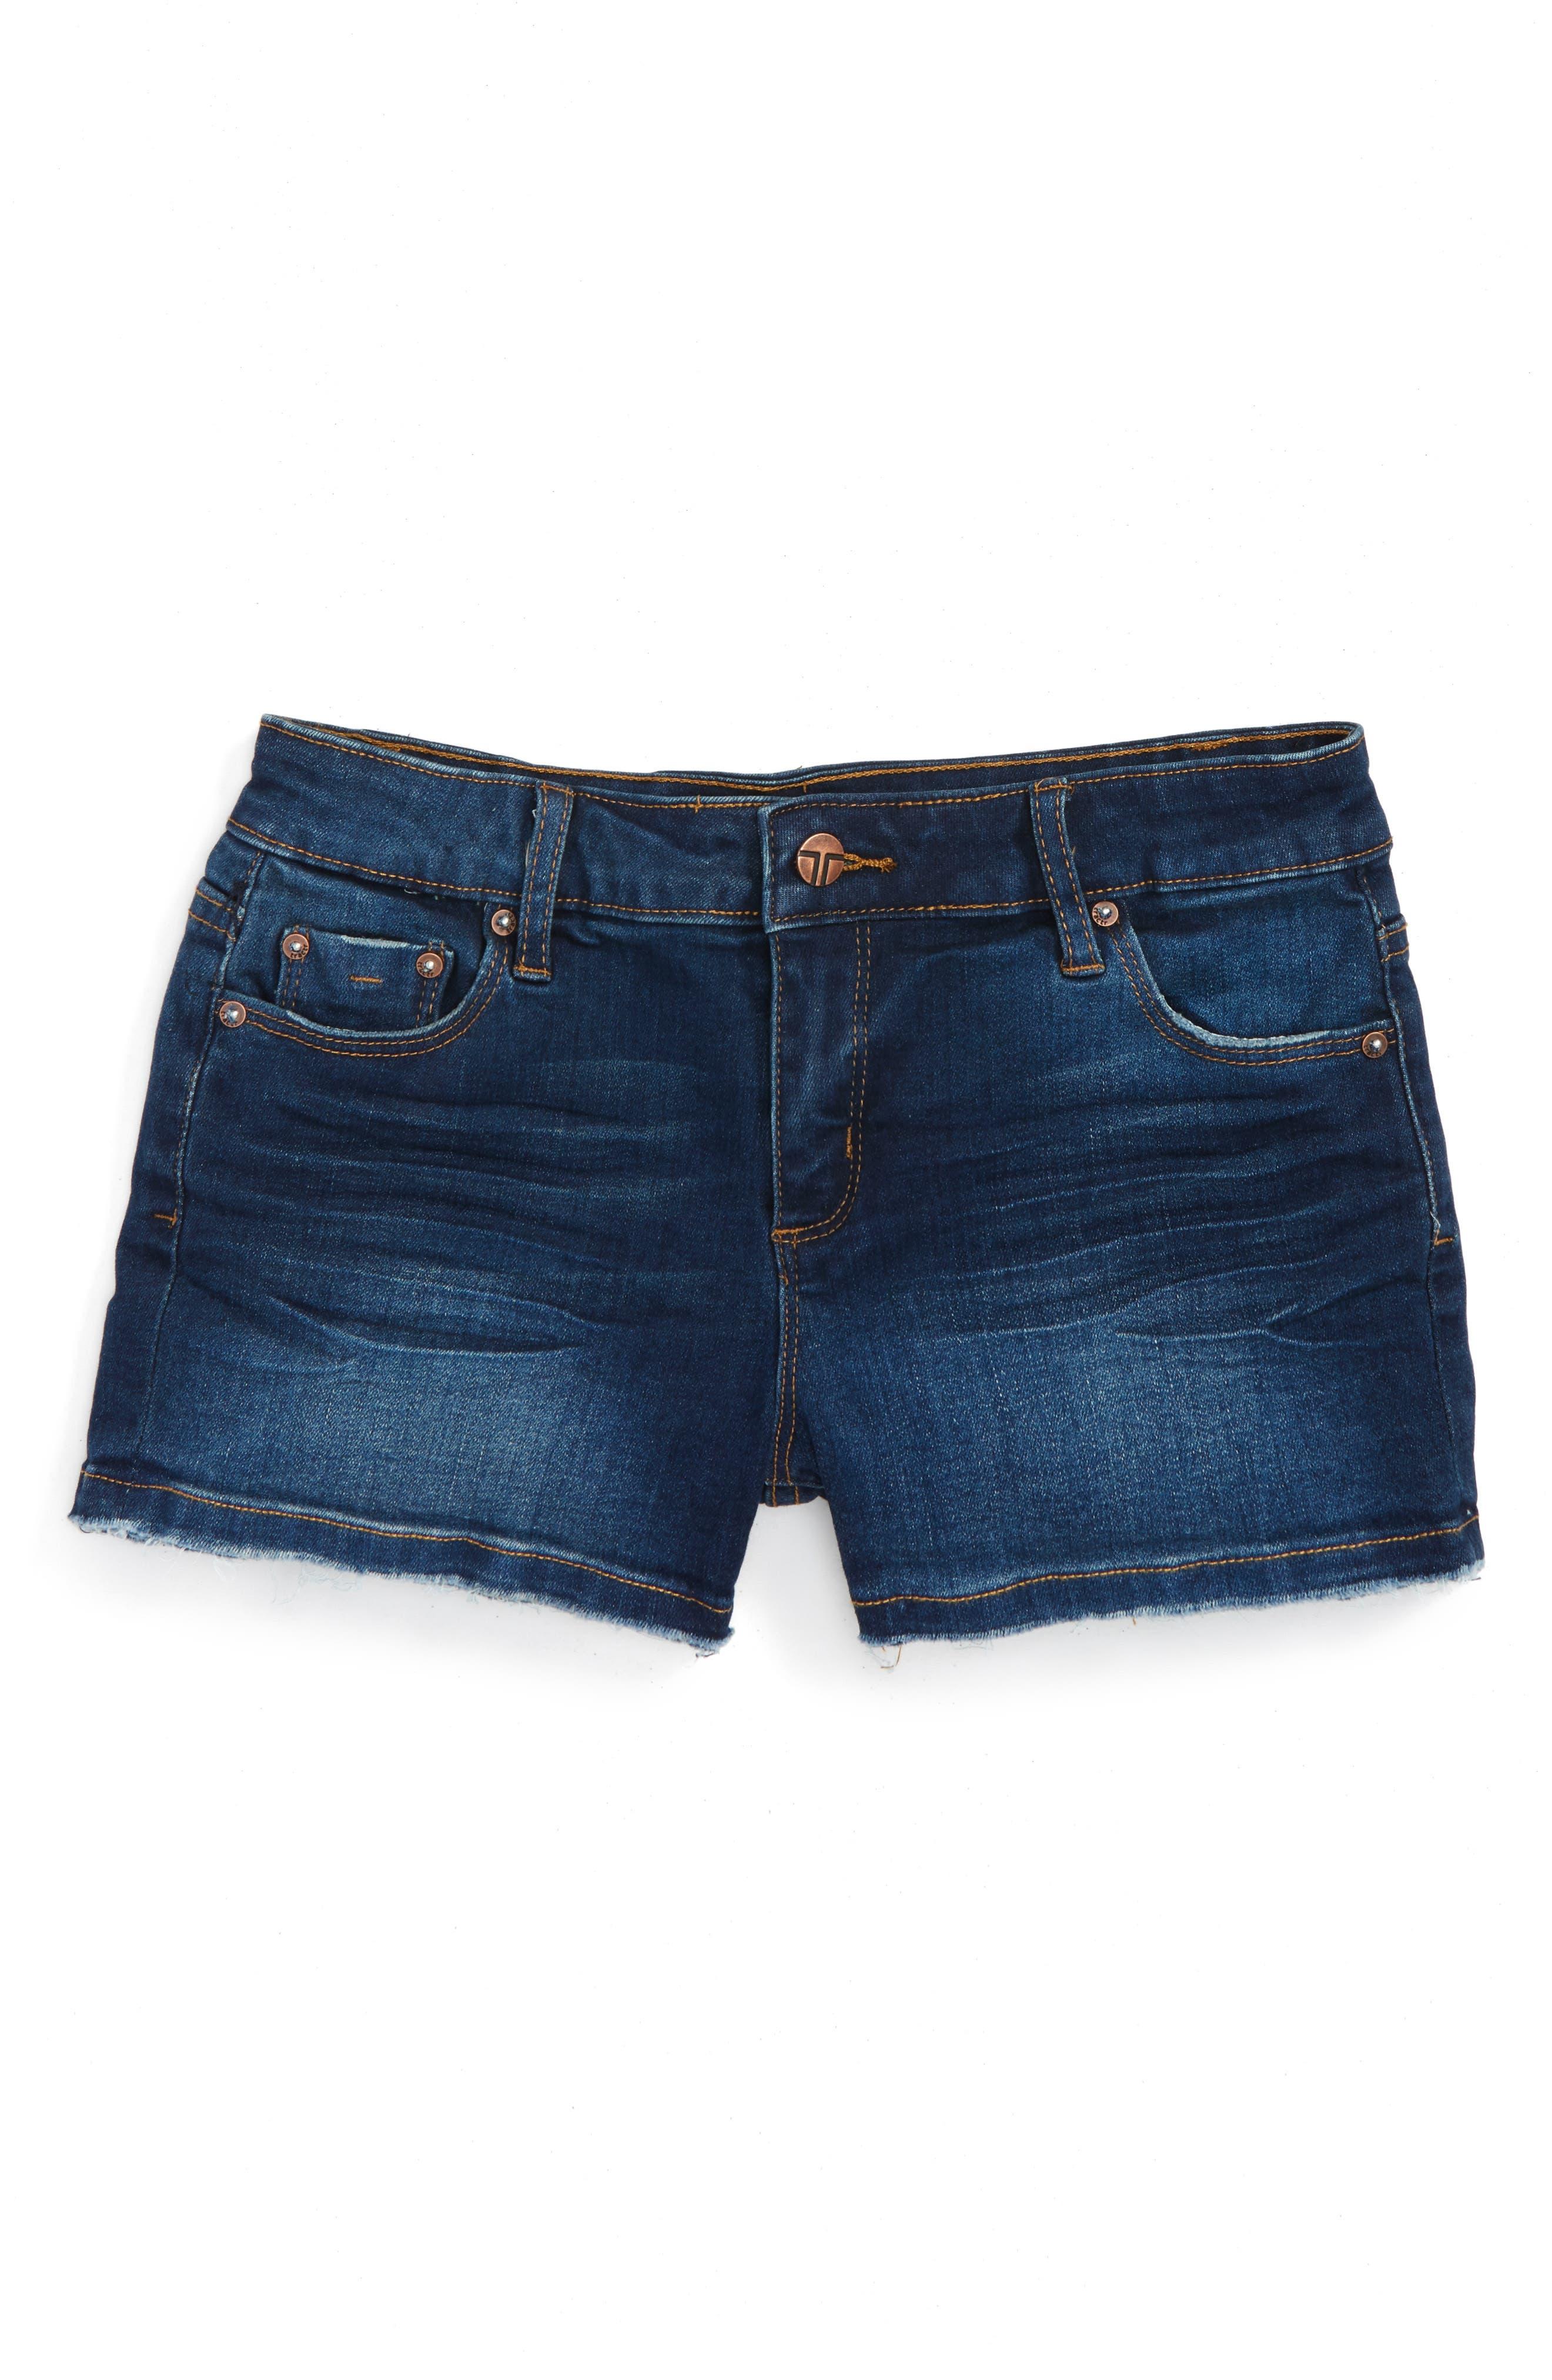 Frayed Hem Denim Shorts,                         Main,                         color, Dark Indigo